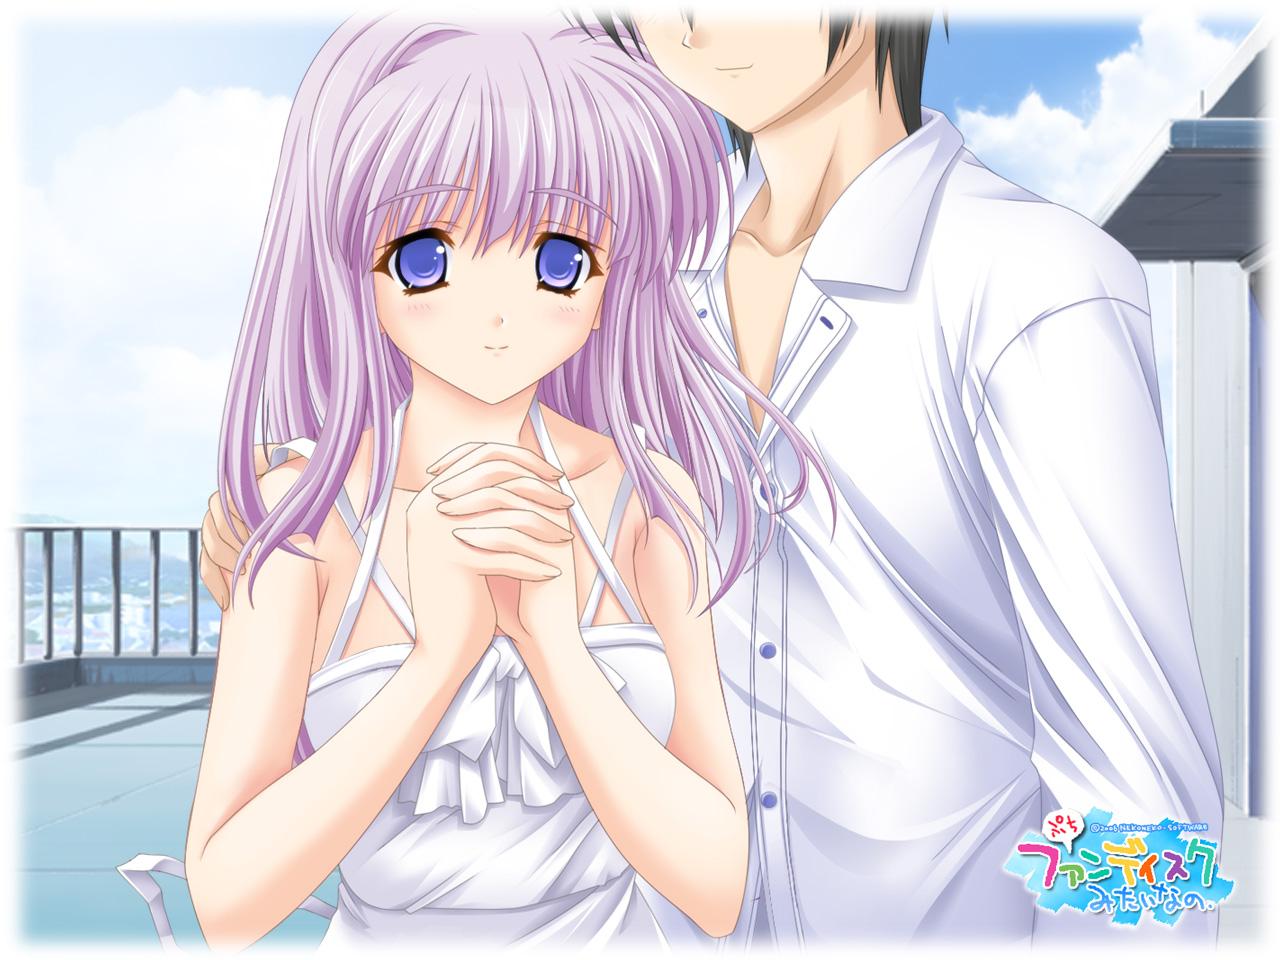 blue_eyes dress konoe_nanami lamune long_hair pink_hair sky tomosaka_kenji white